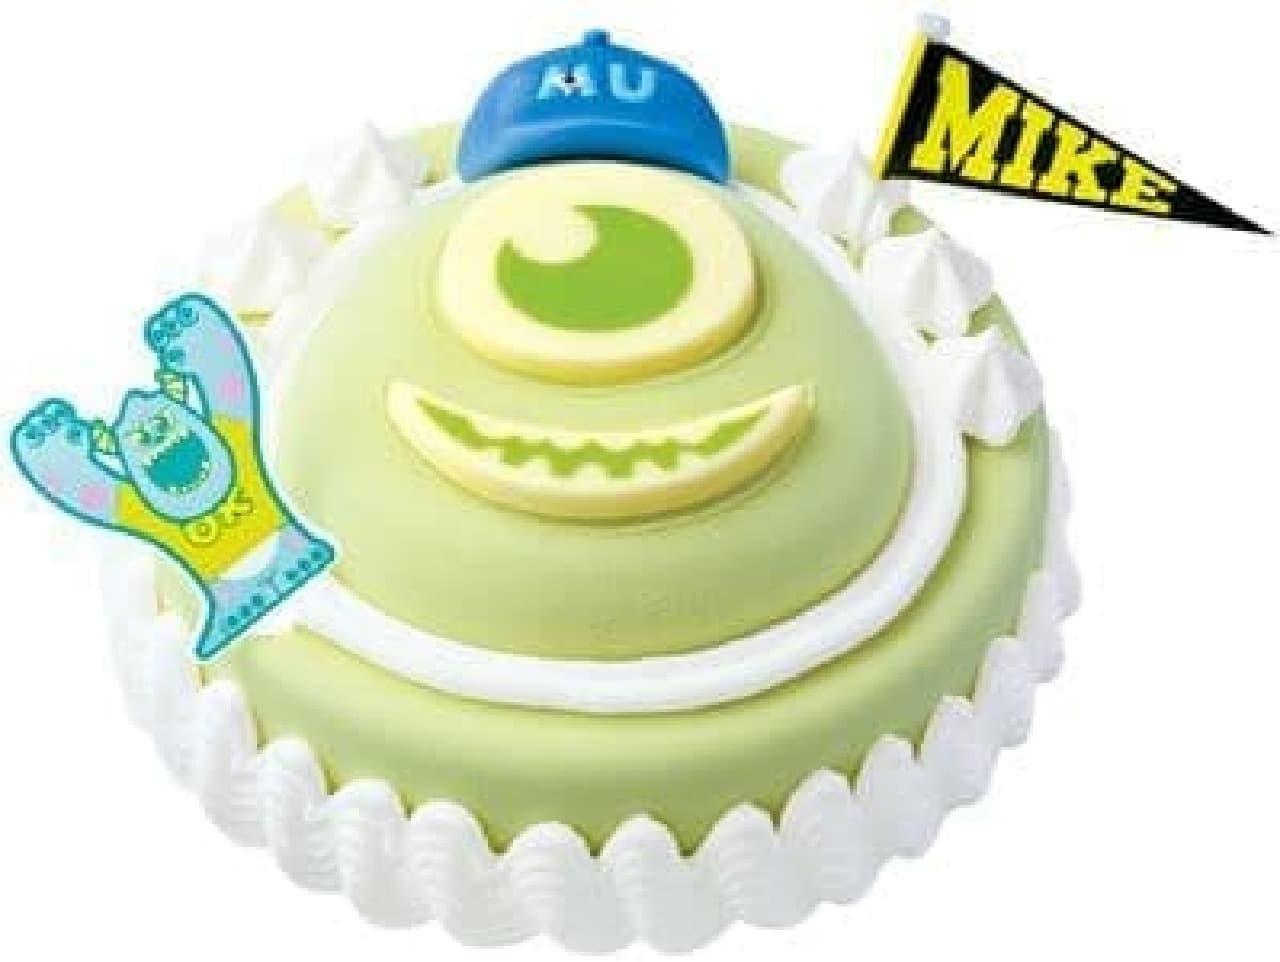 マイクの立体ケーキだ!  (C)Disney/Pixar